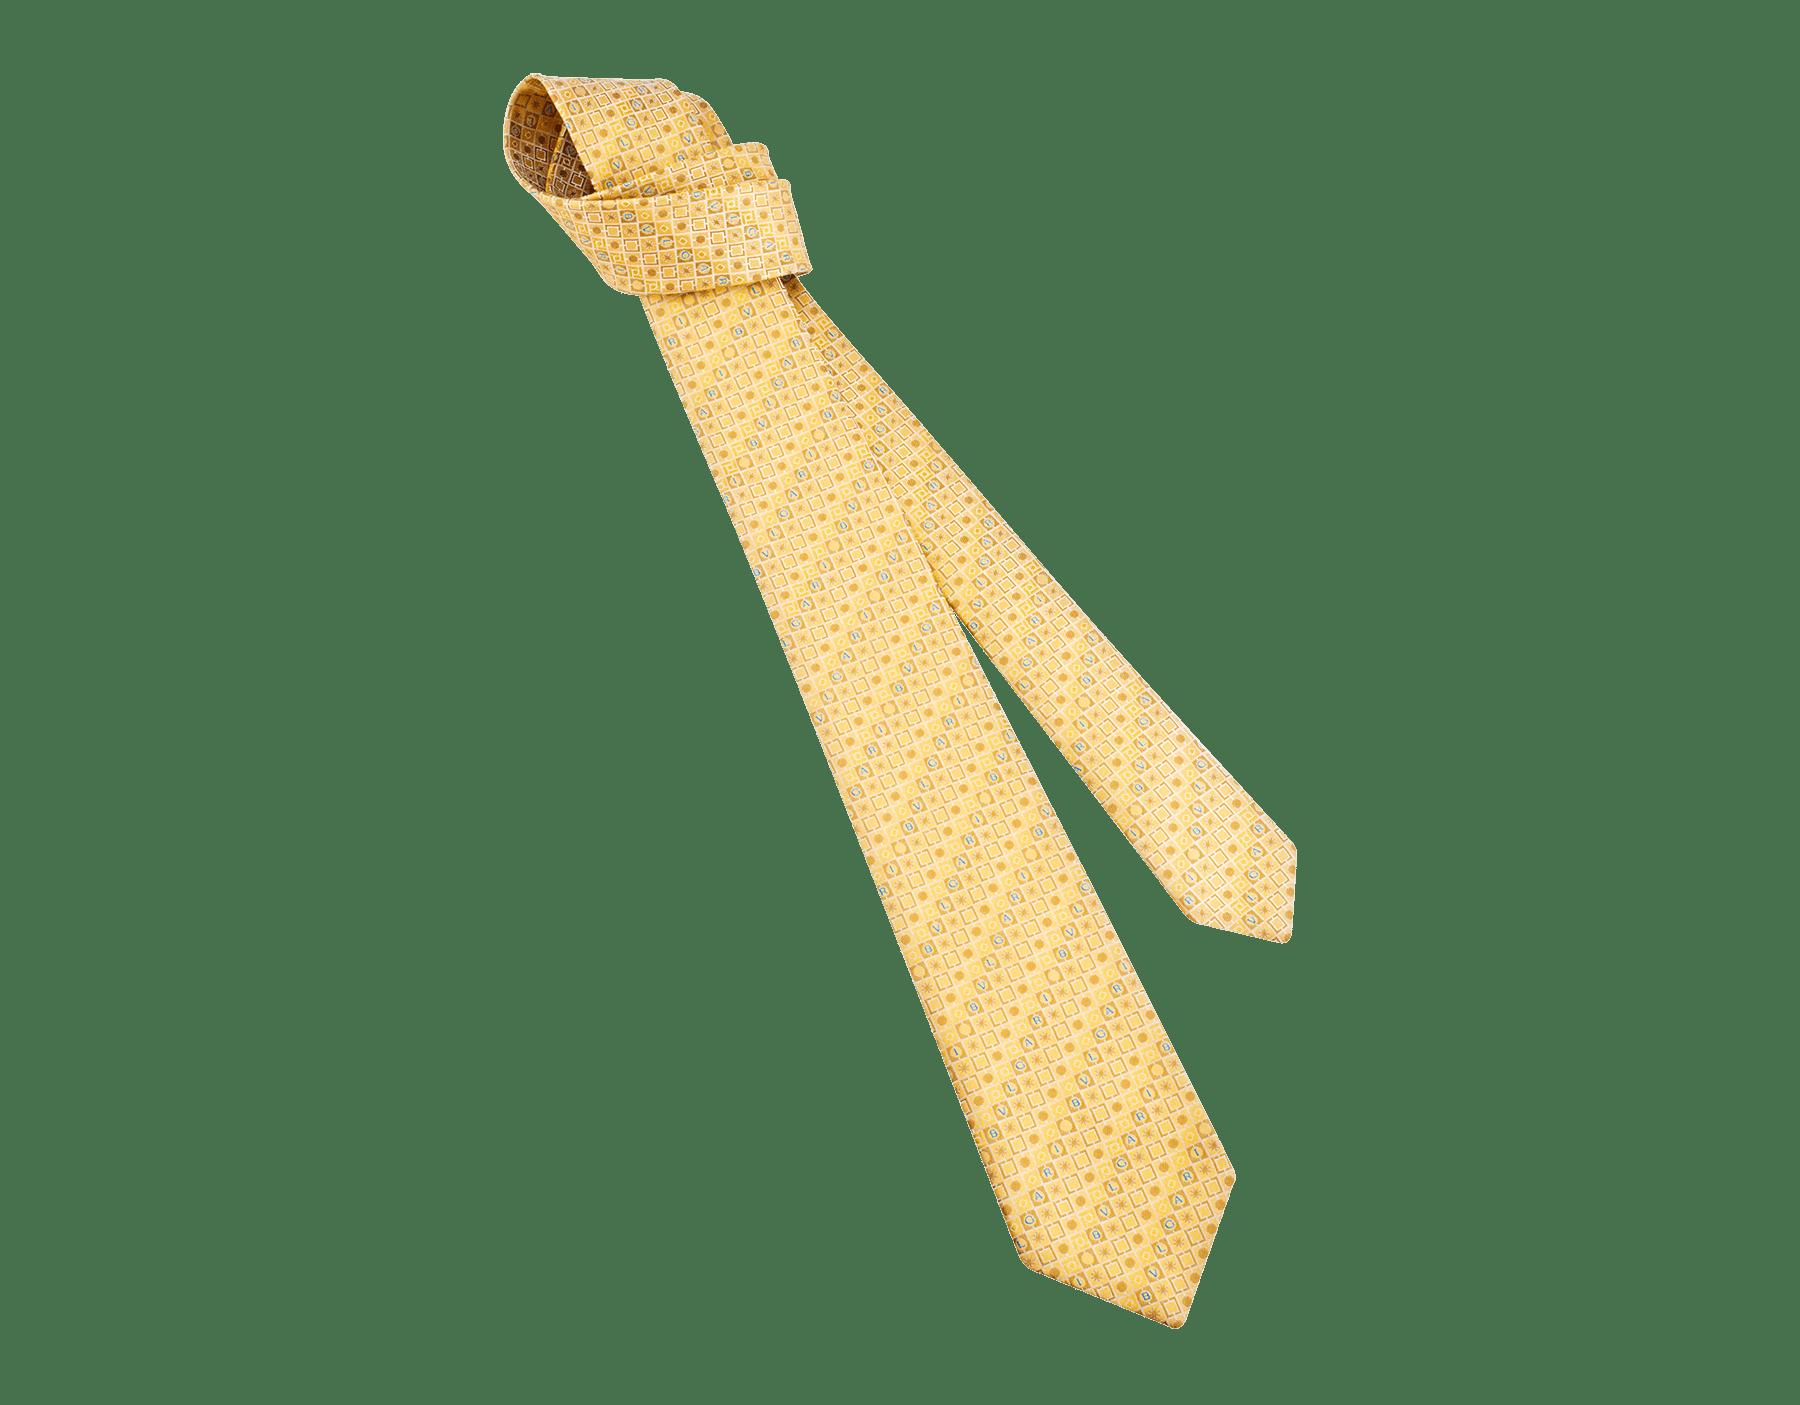 Cravatta sette pieghe gialla con motivo Logo Peter in pregiata seta saglione stampata. 243671 image 1